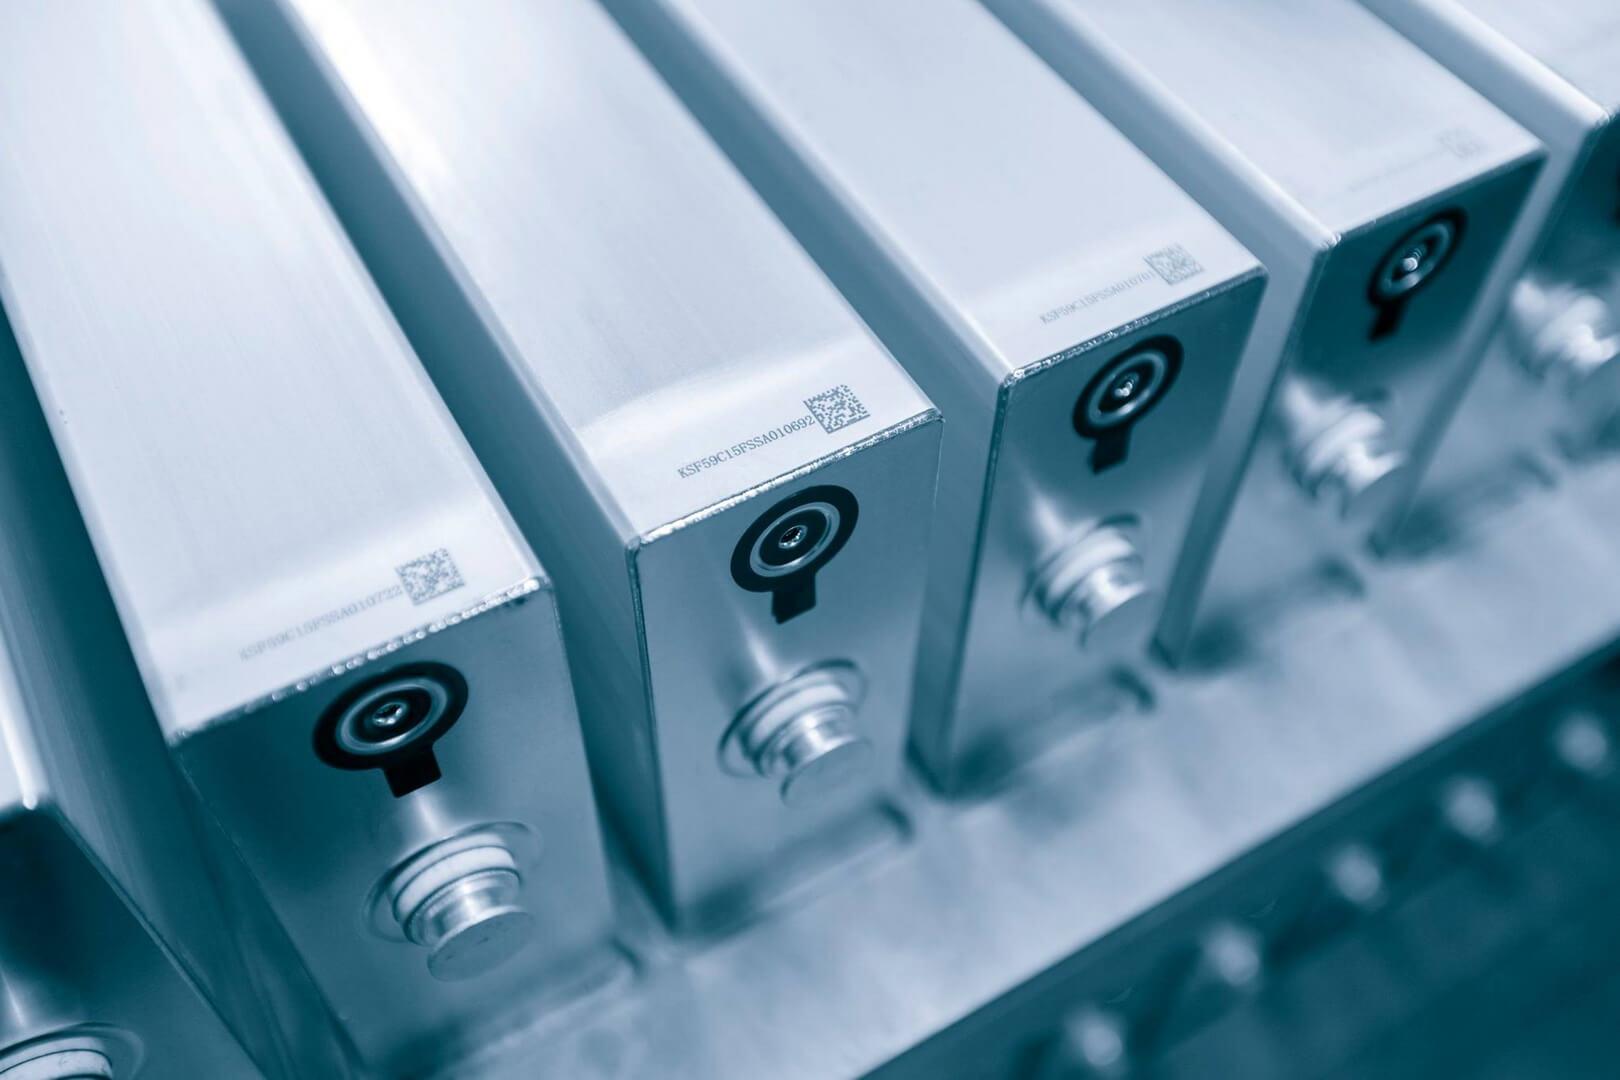 Батареи BYD имеют уникальный идентификационный QR-код